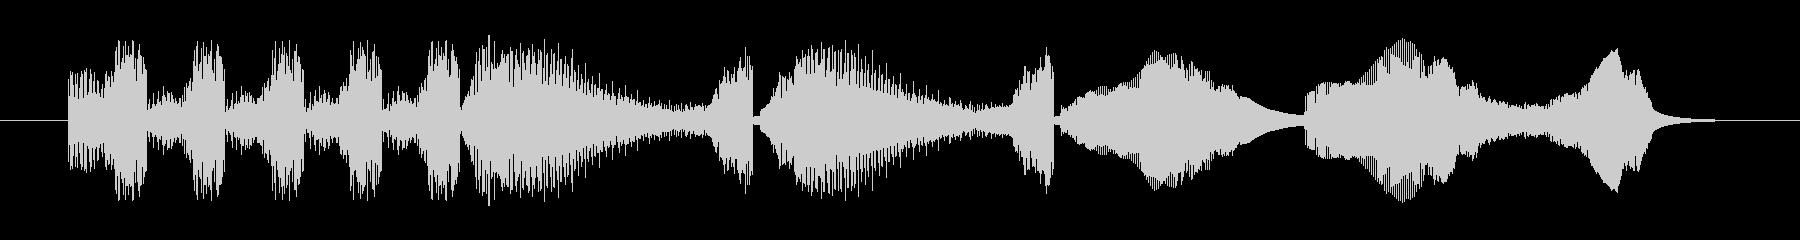 Electrozapperスワイプ3の未再生の波形